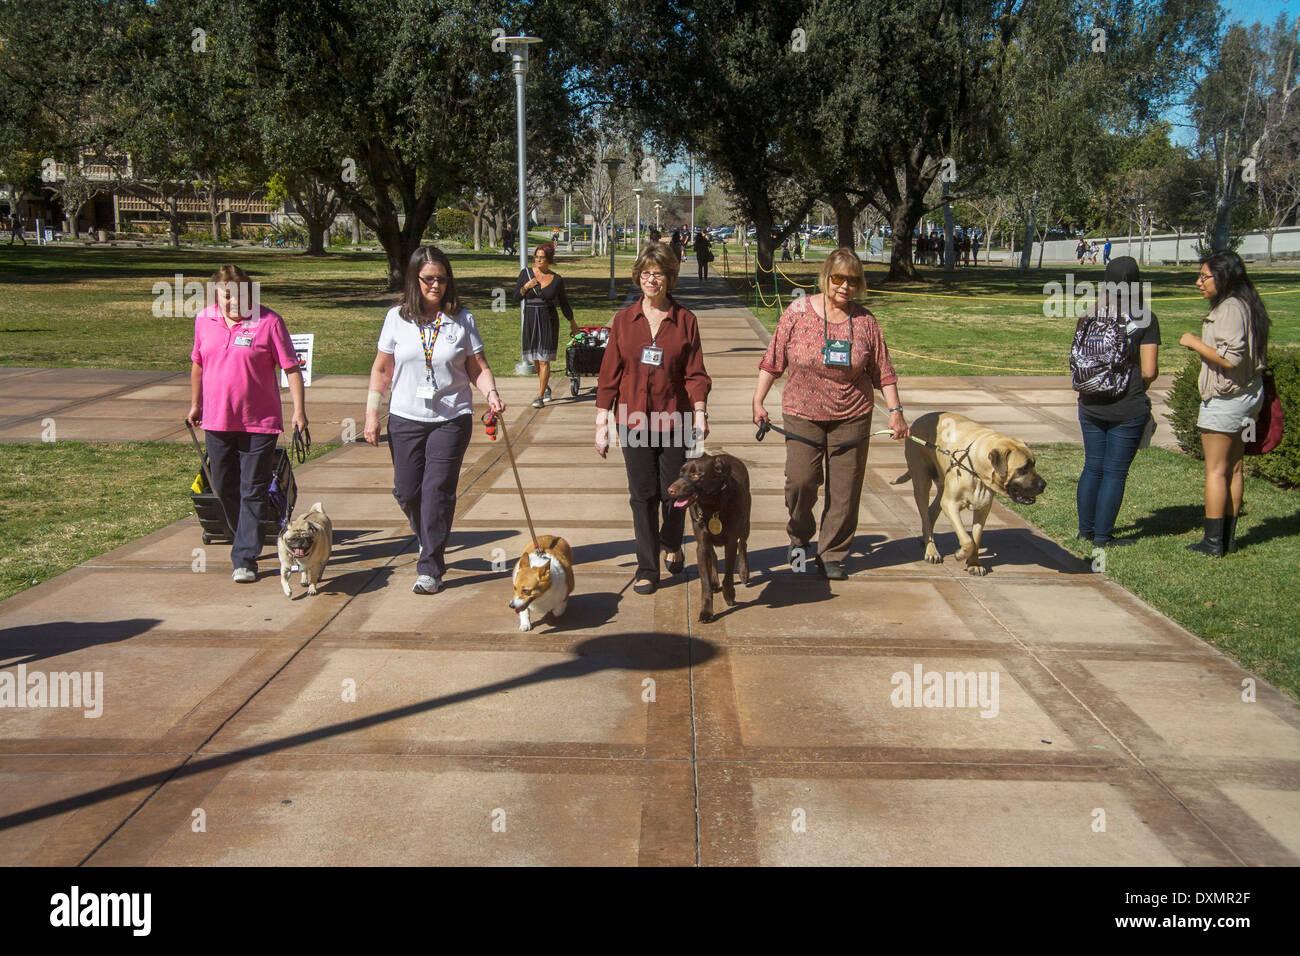 Los propietarios de voluntarios traen a sus perros especialmente entrenados comodidad a la Universidad de California en Riverside para aliviar el estrés del estudiante Imagen De Stock